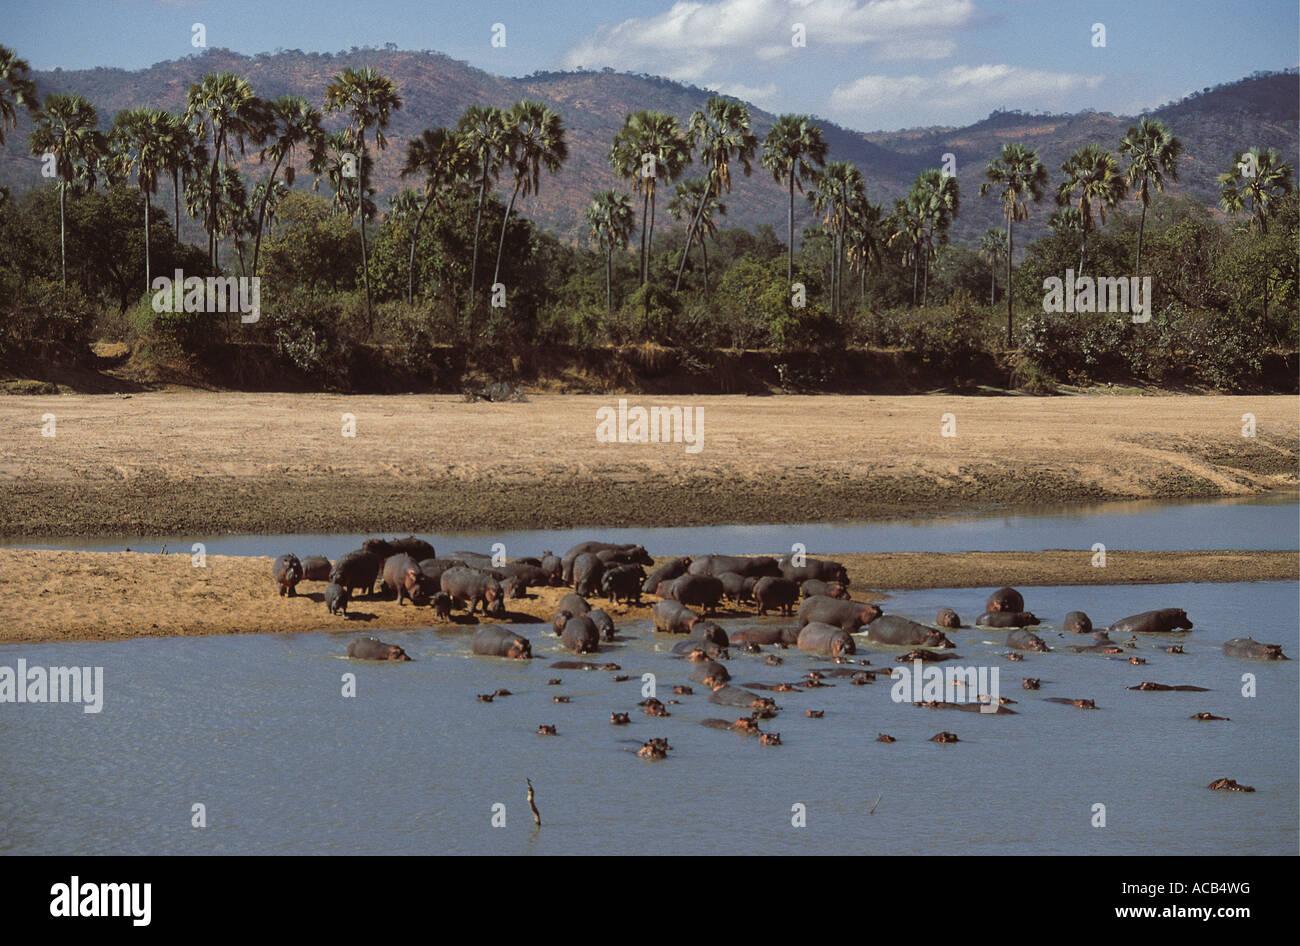 Nilpferd-Herde am Ufer des Flusses mit Palmen und Berge im Hintergrund South Luangwa Nationalpark Sambia Stockbild